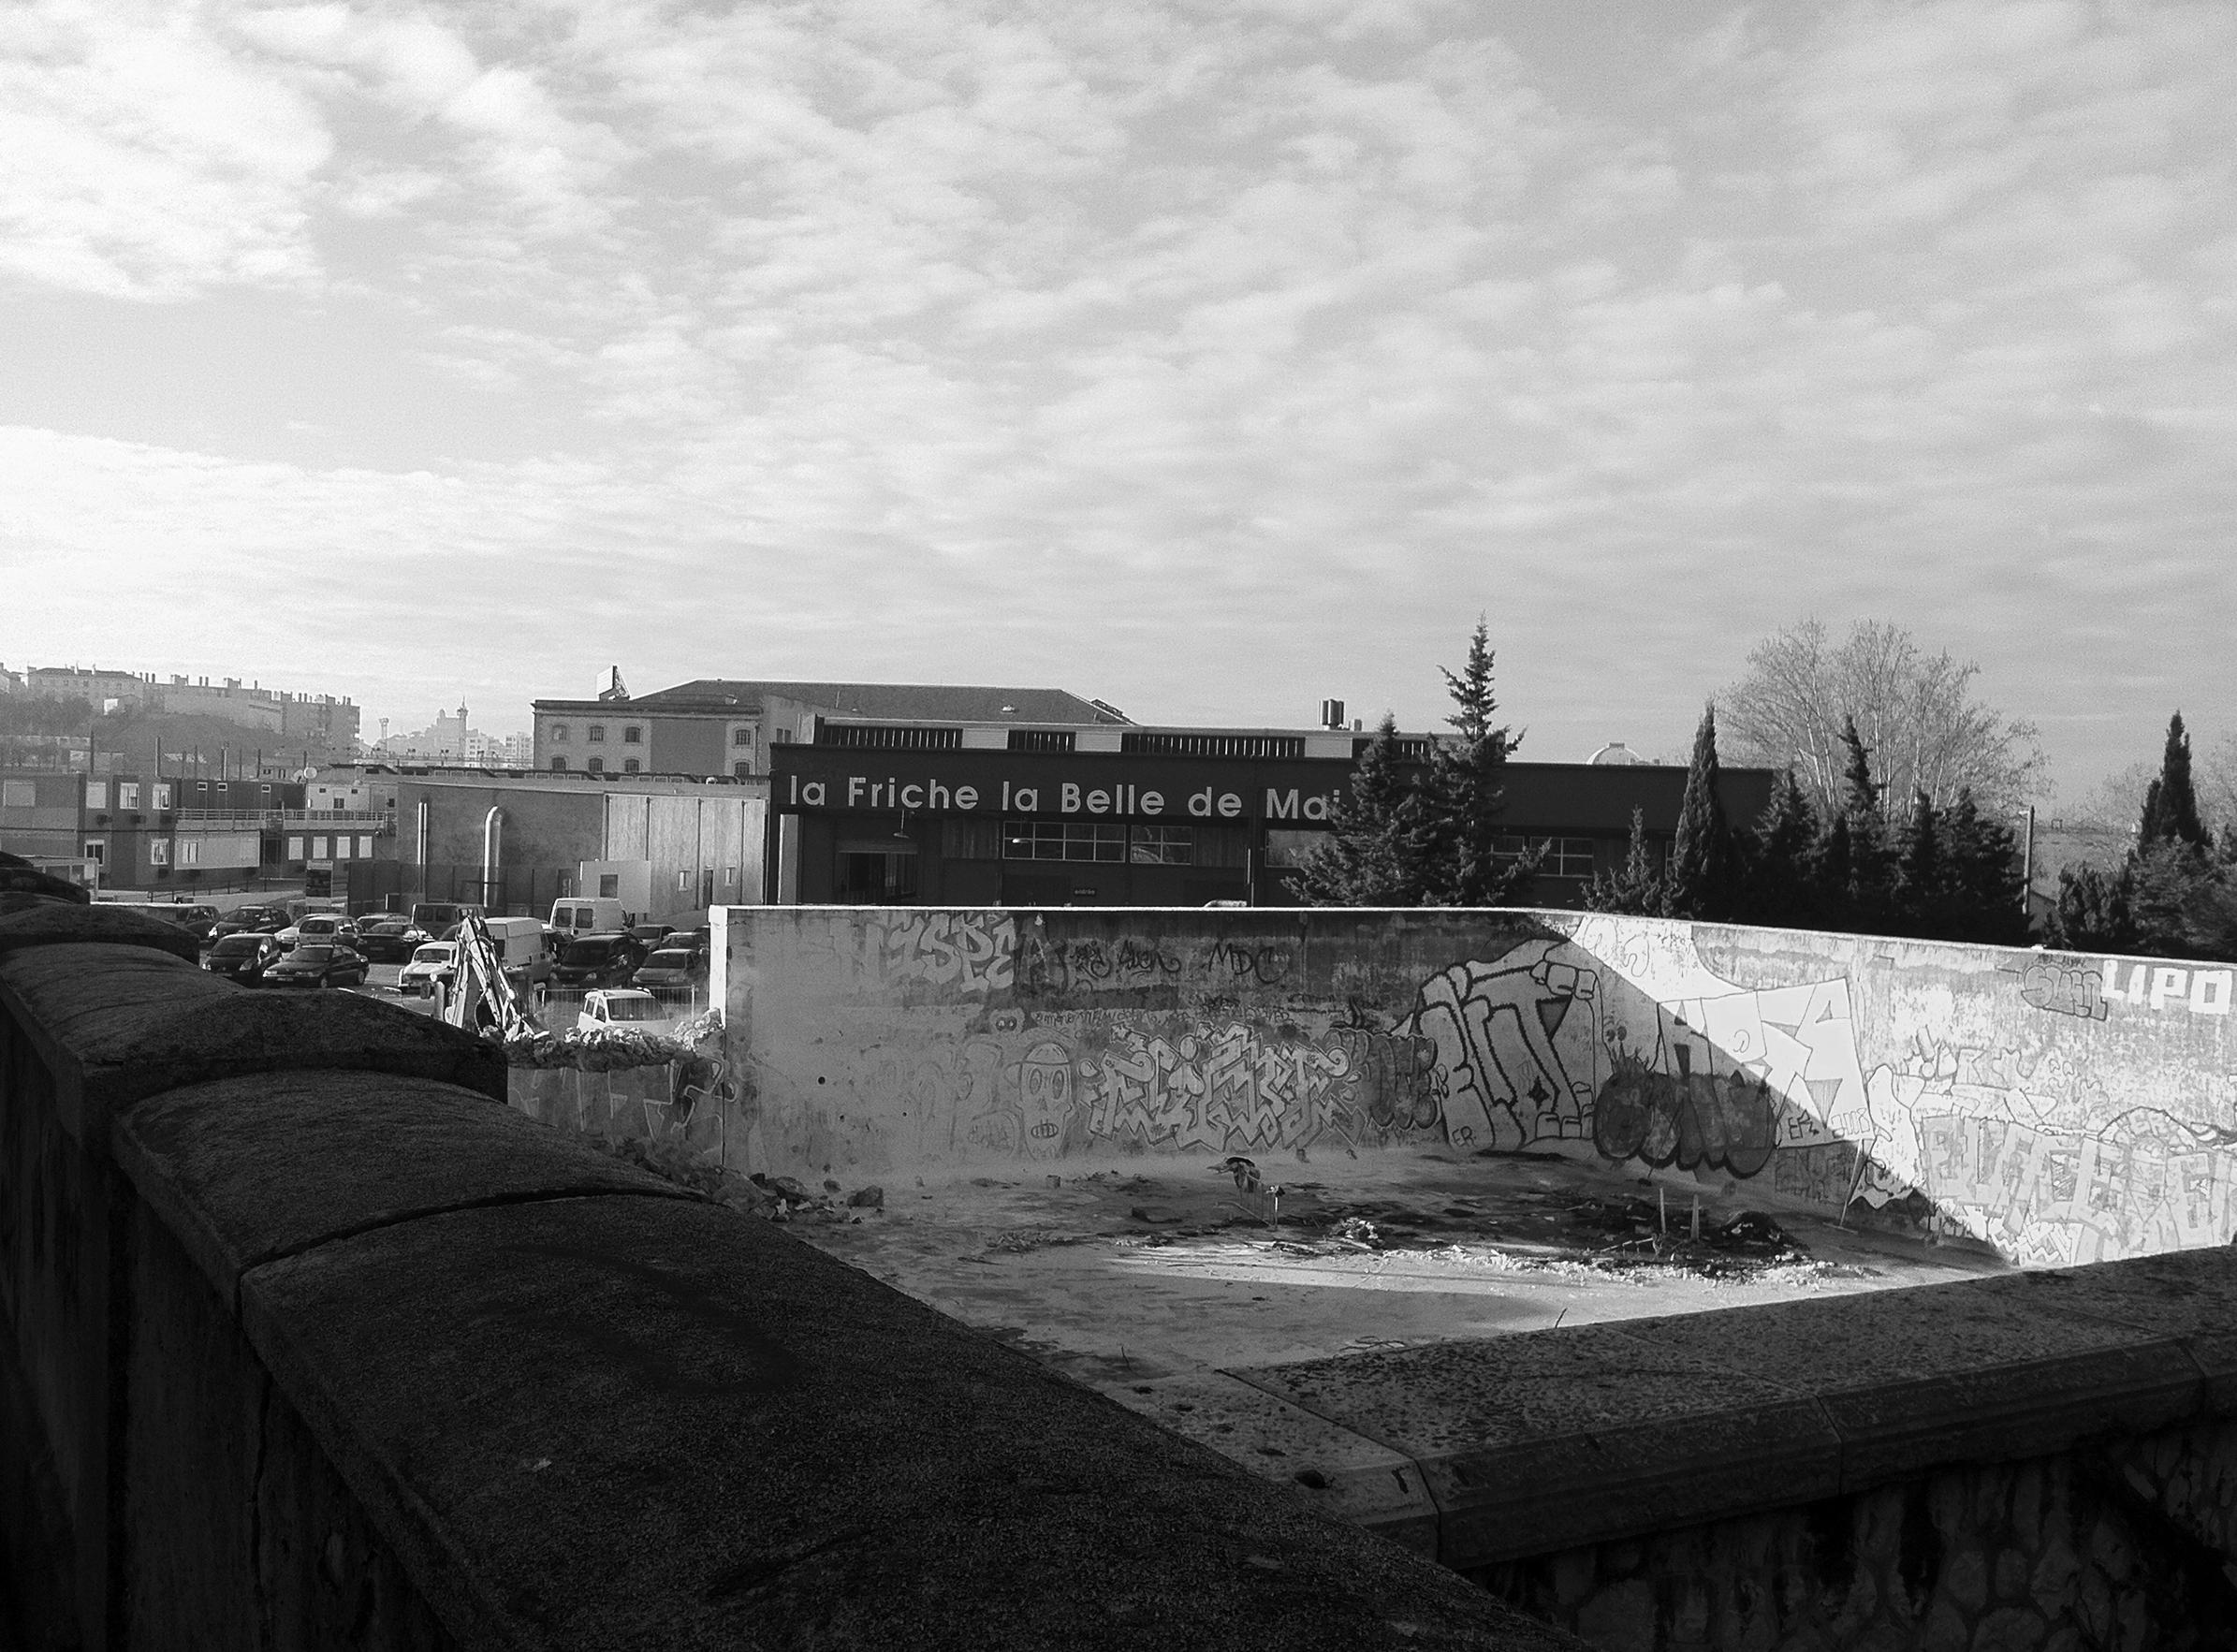 La Friche - La Crèche - 01 - Caractère Spécial - Matthieu poitevin Architecture